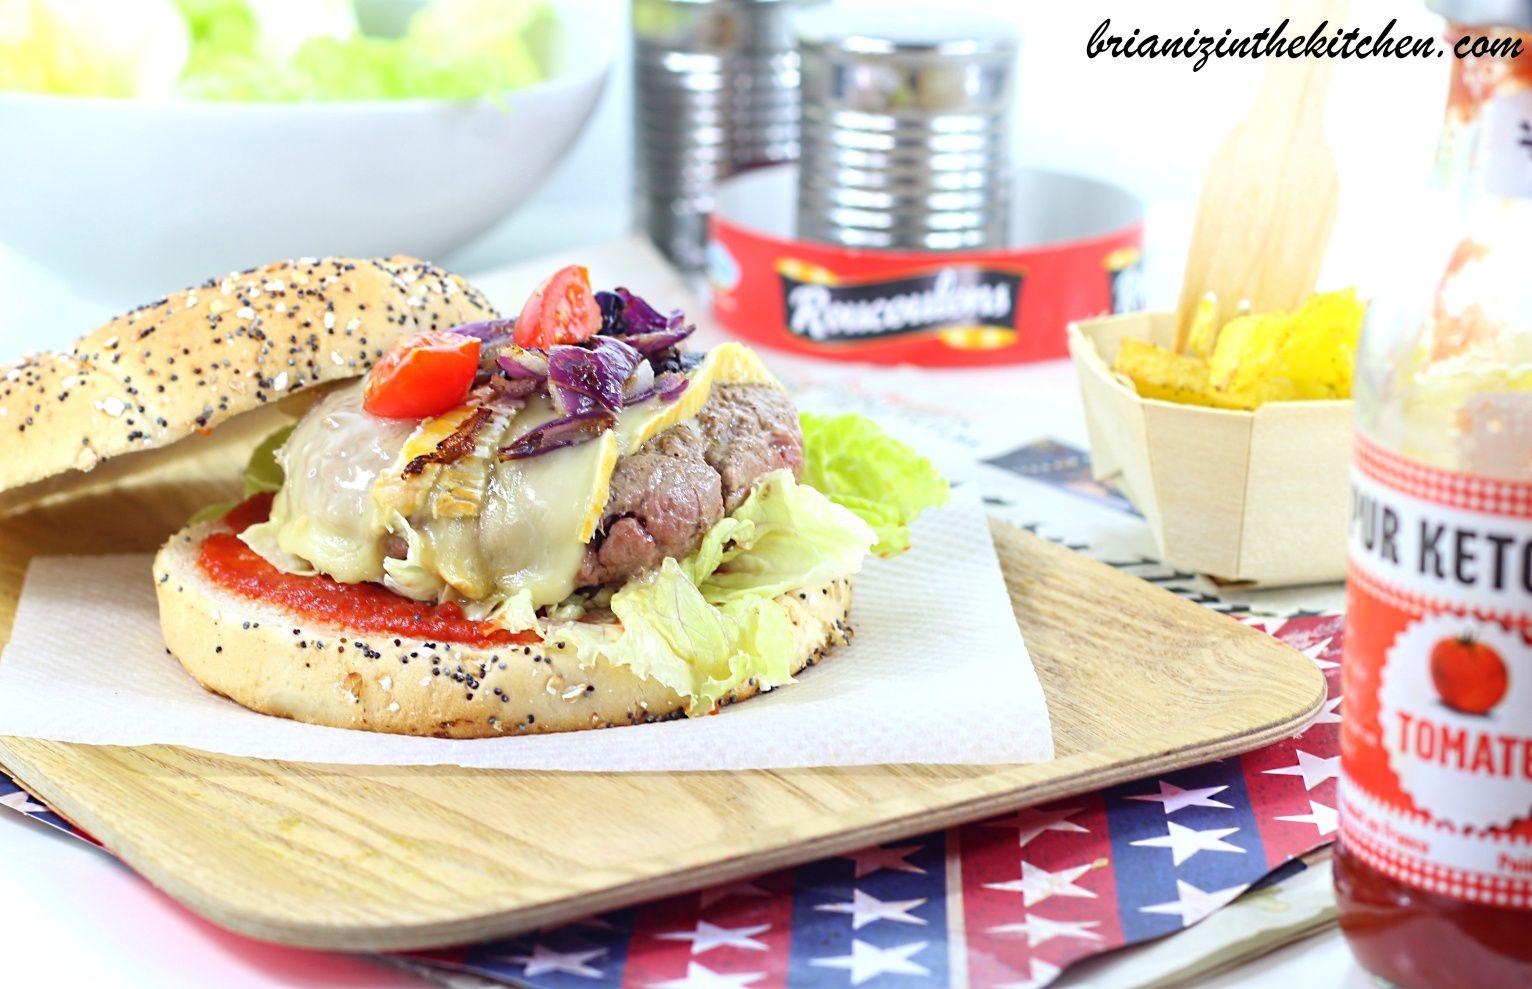 Burger au Roucoulons - J'ai besoin de vos votes!